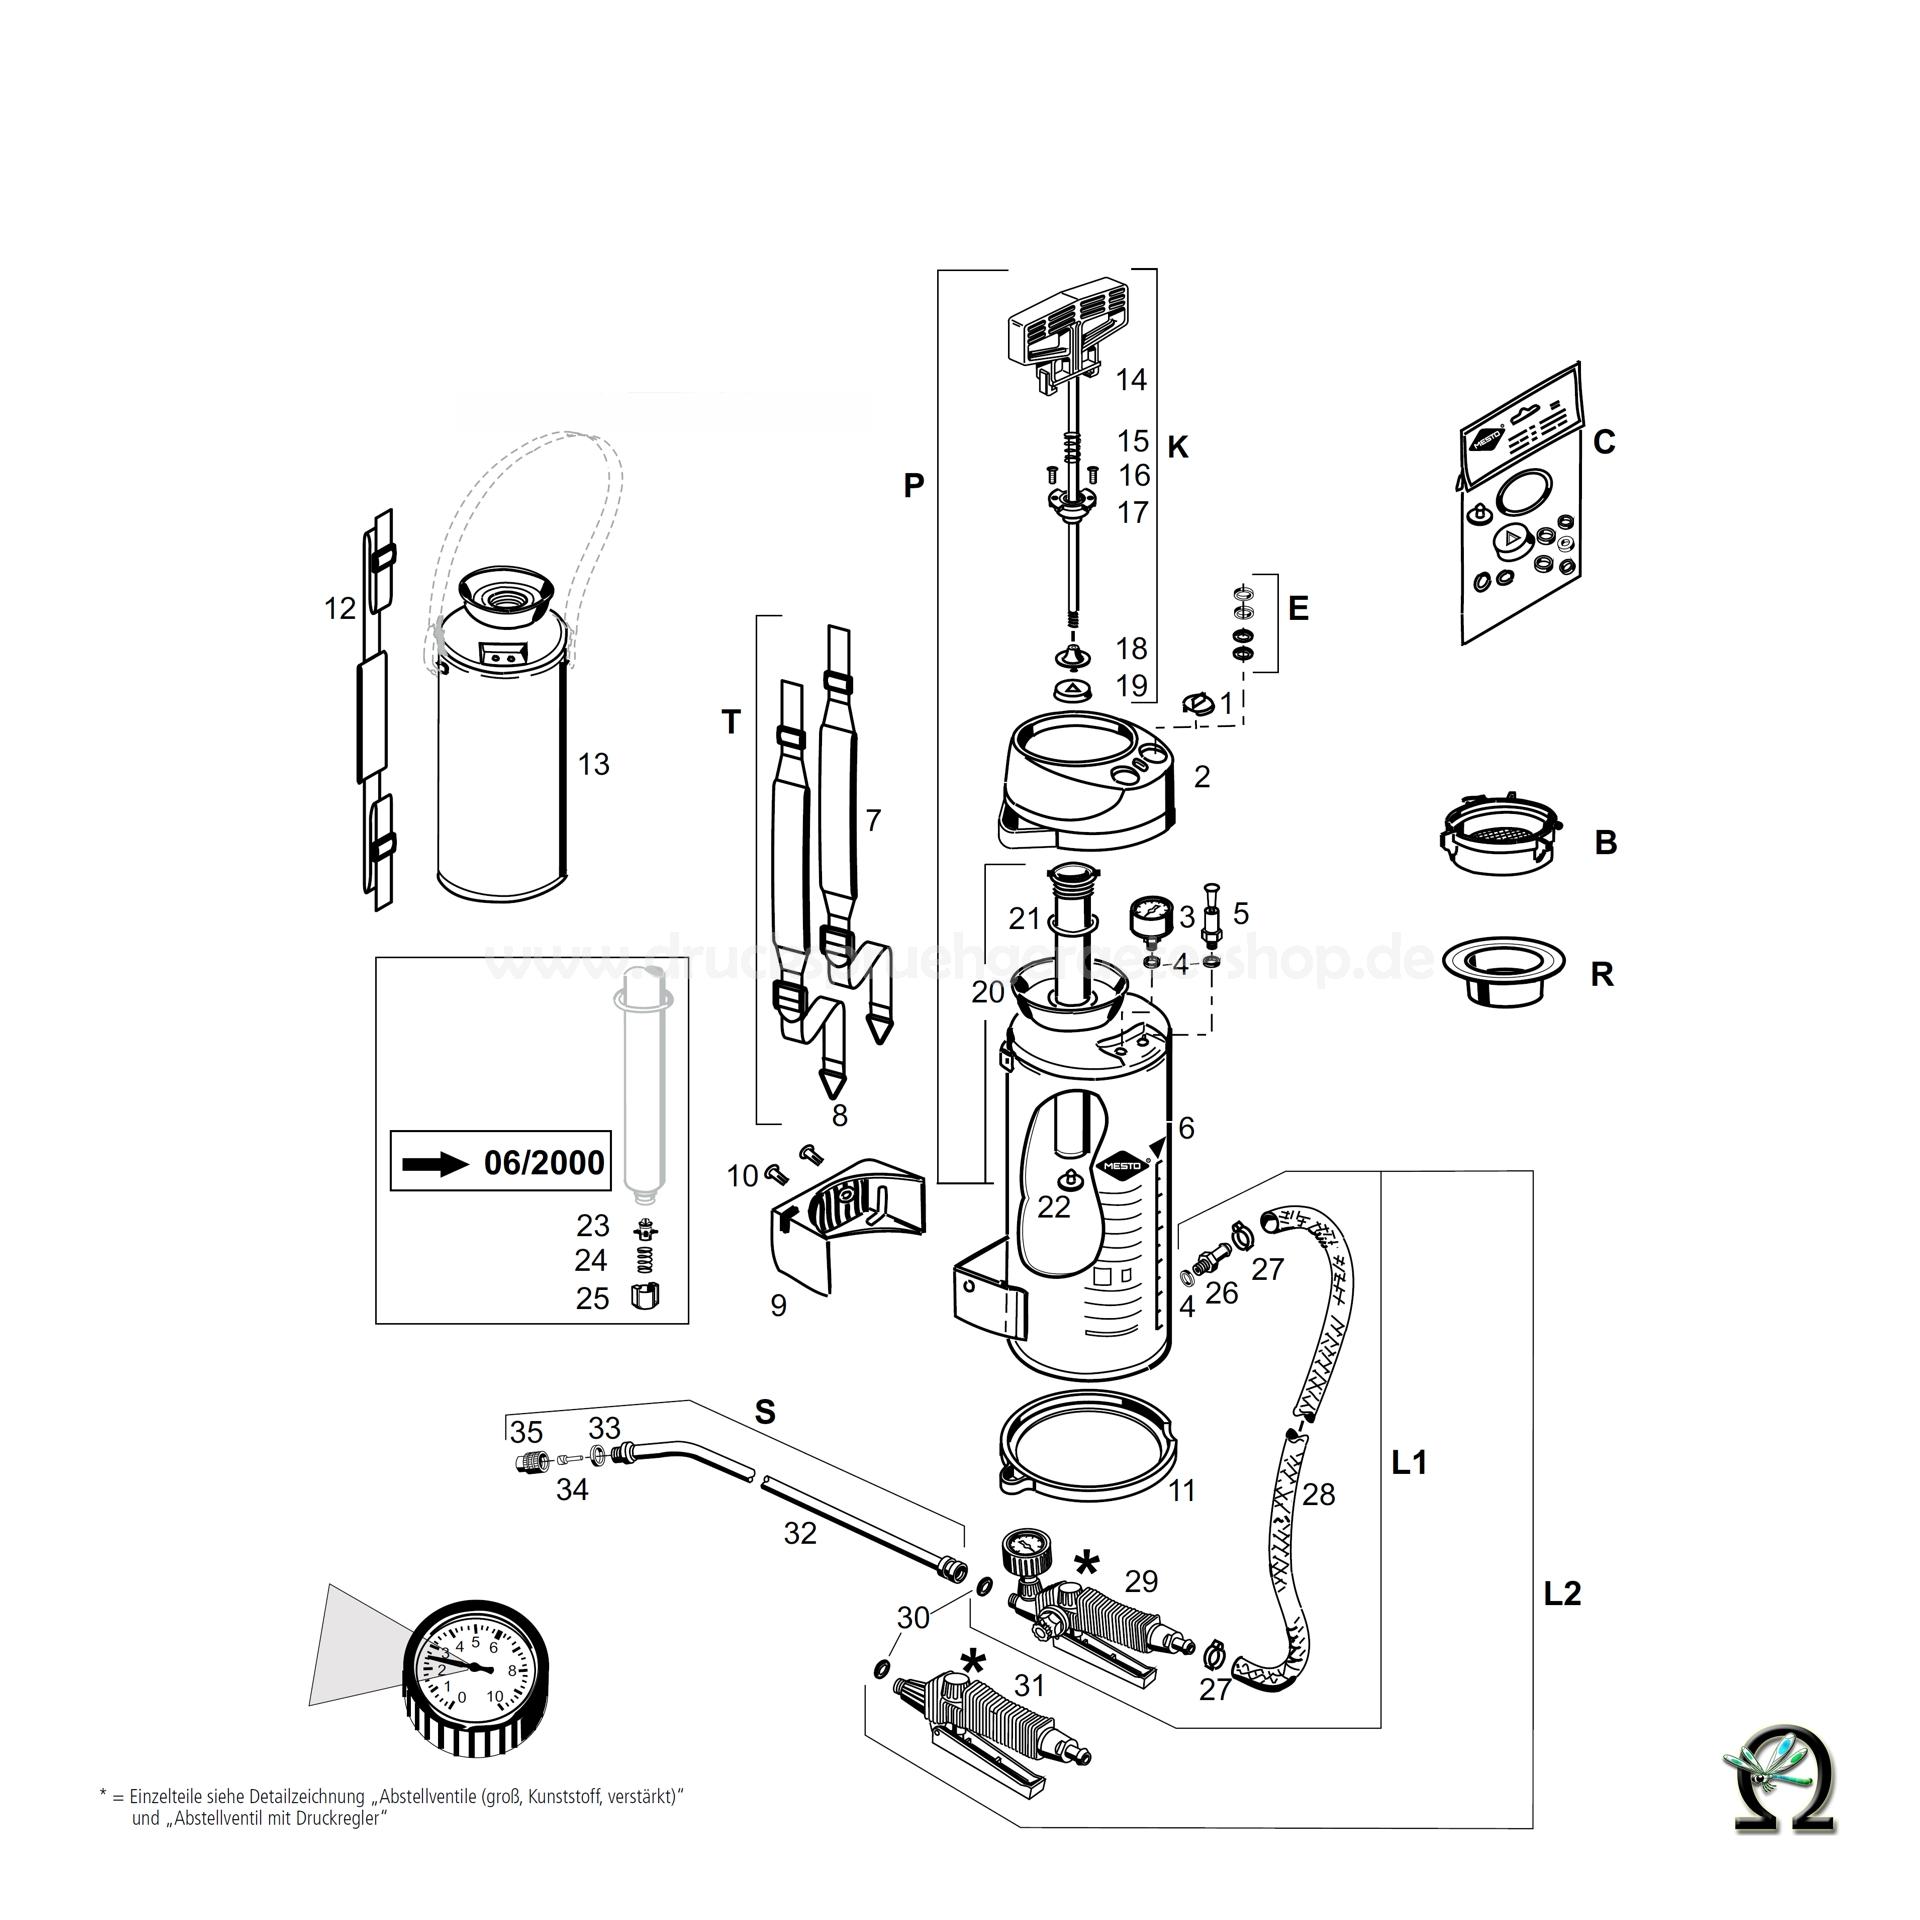 MESTO Hochdrucksprühgerät 3610G RESISTENT - 10 Liter, Zeichnung der Einzelteile